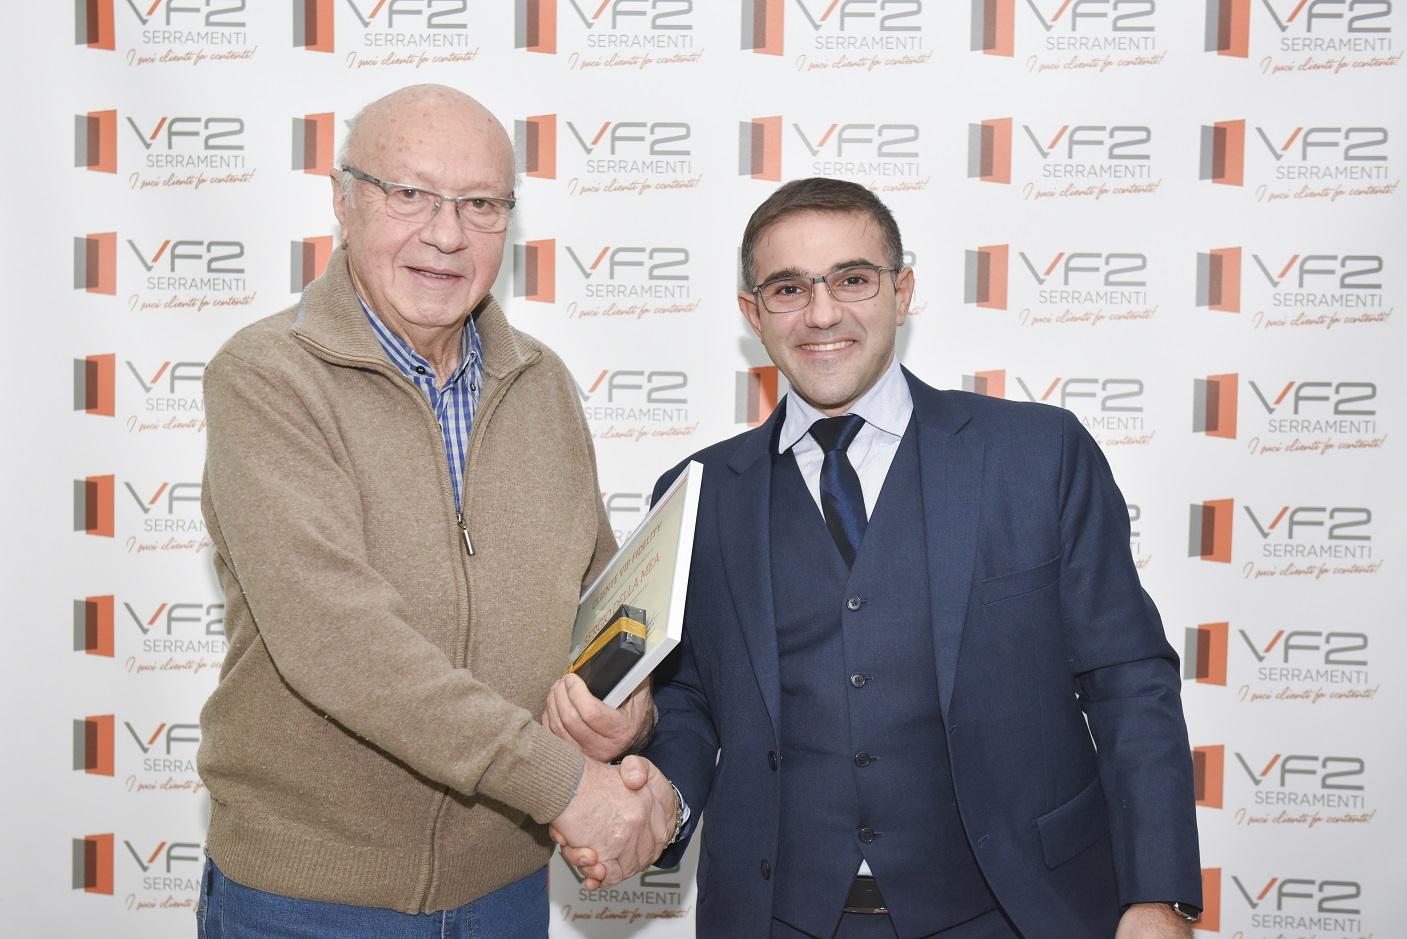 Vf2 Serramenti Riconoscimenti Sergio Della Mea